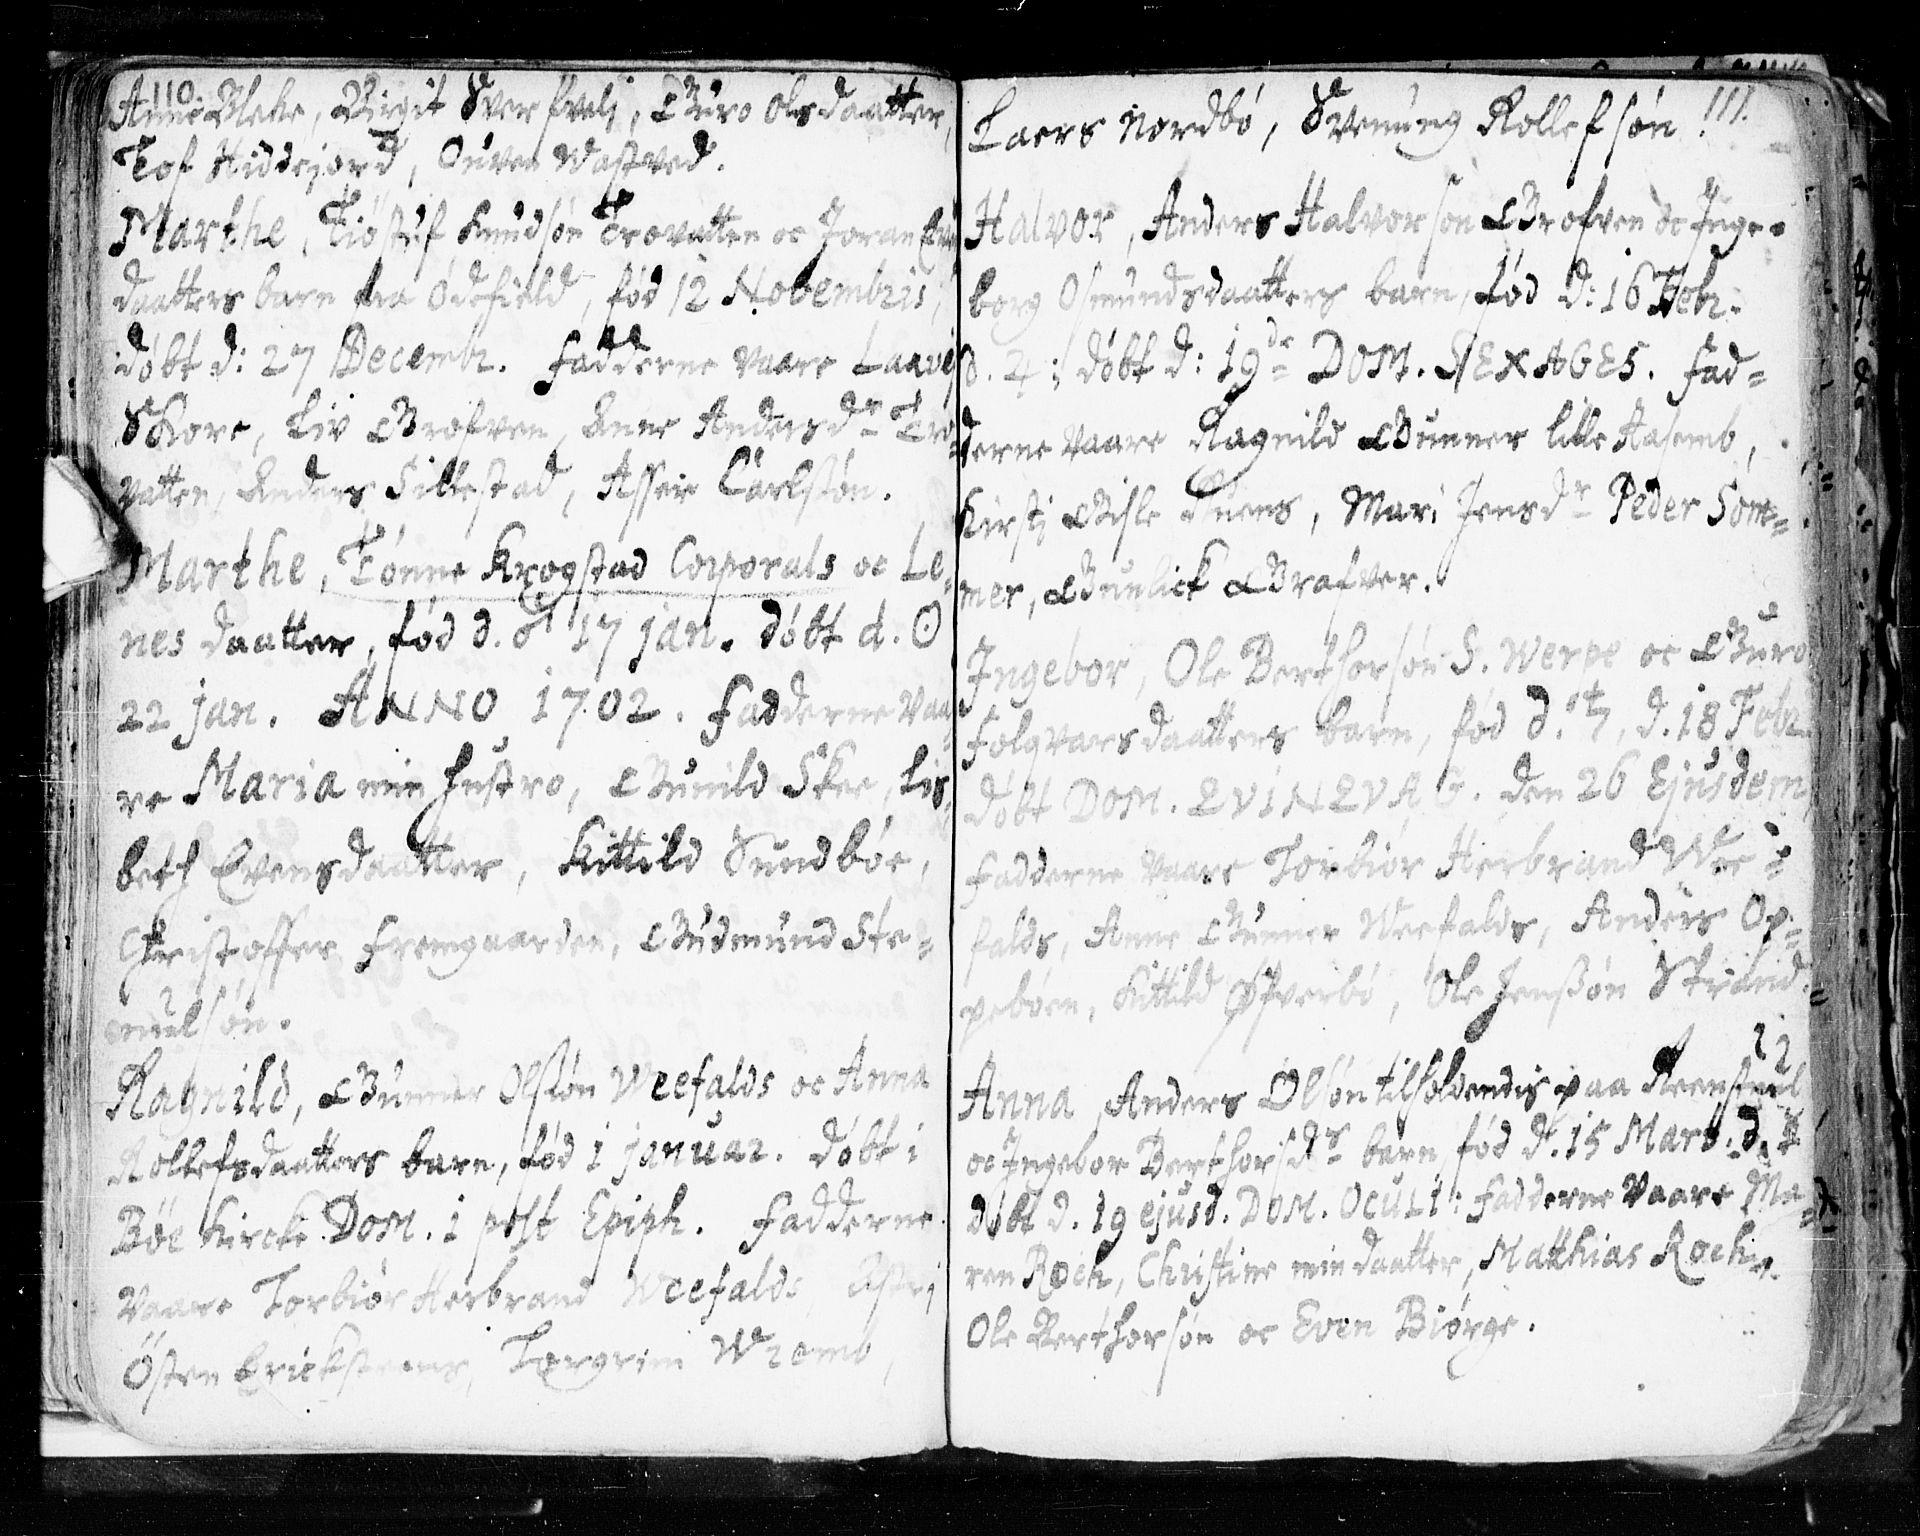 SAKO, Seljord kirkebøker, F/Fa/L0002: Ministerialbok nr. I 2, 1689-1713, s. 110-111